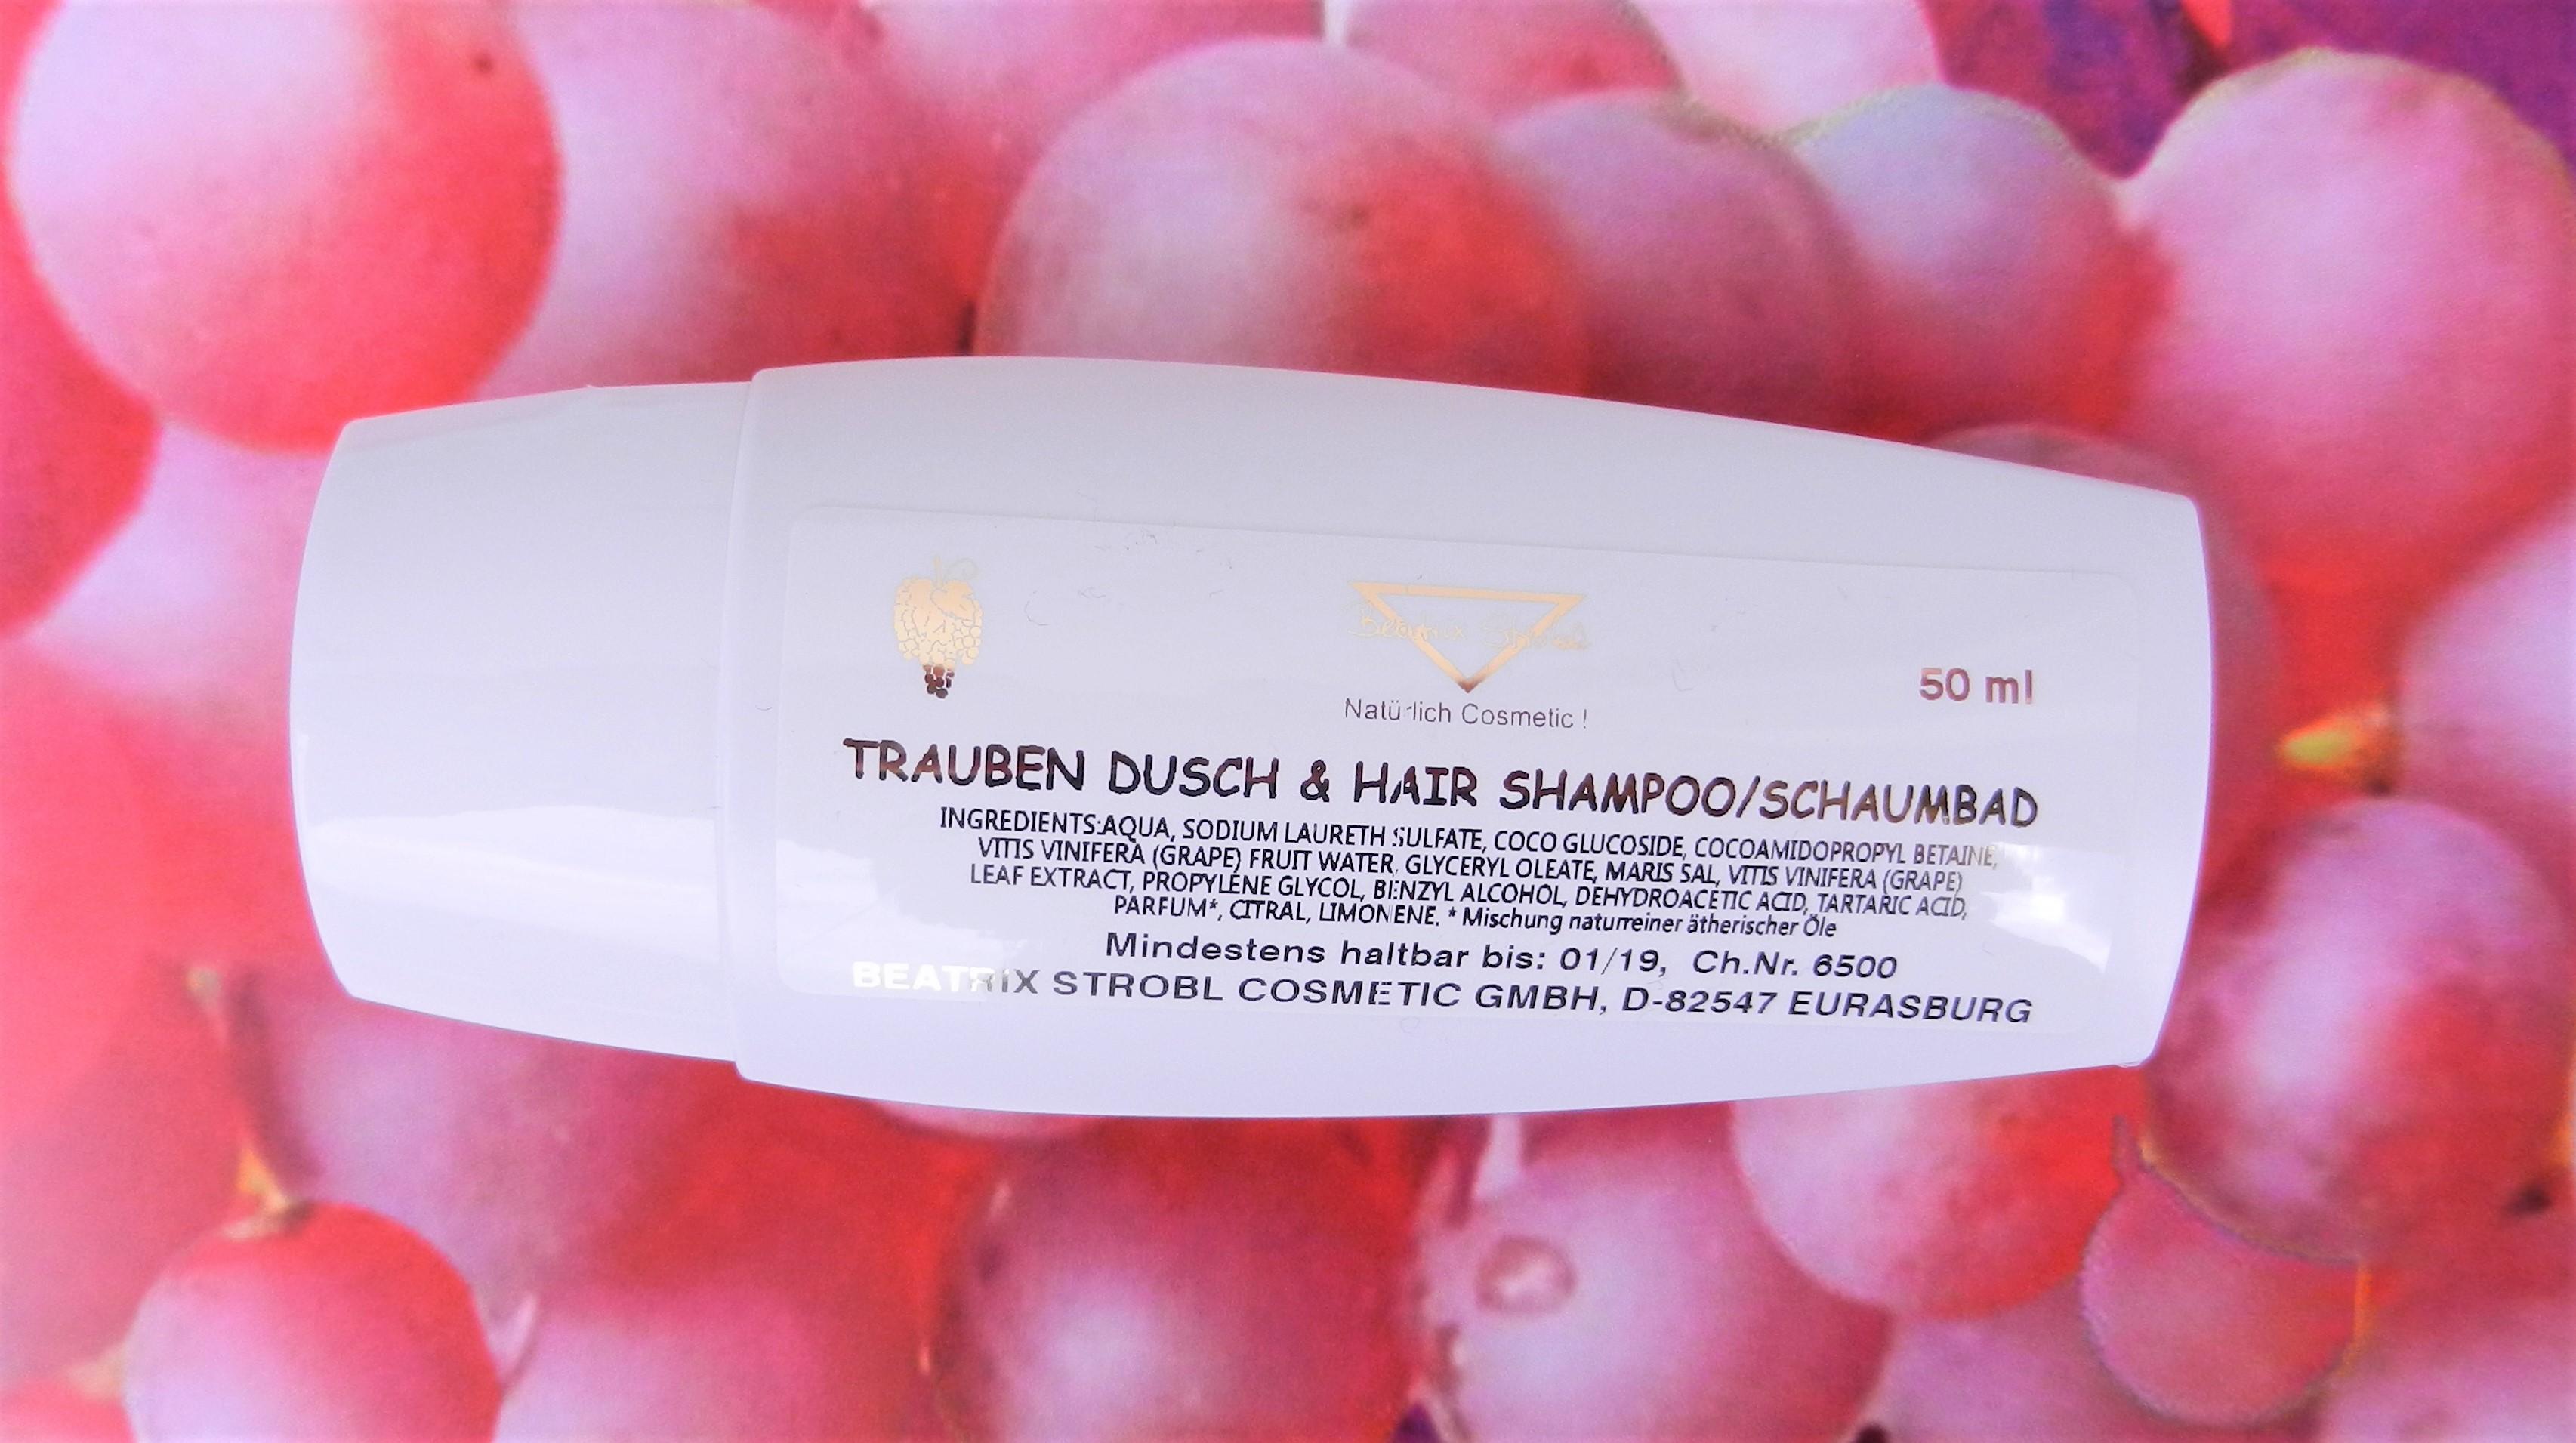 TRAUBEN DUSCH- & HAIR SHAMPOO